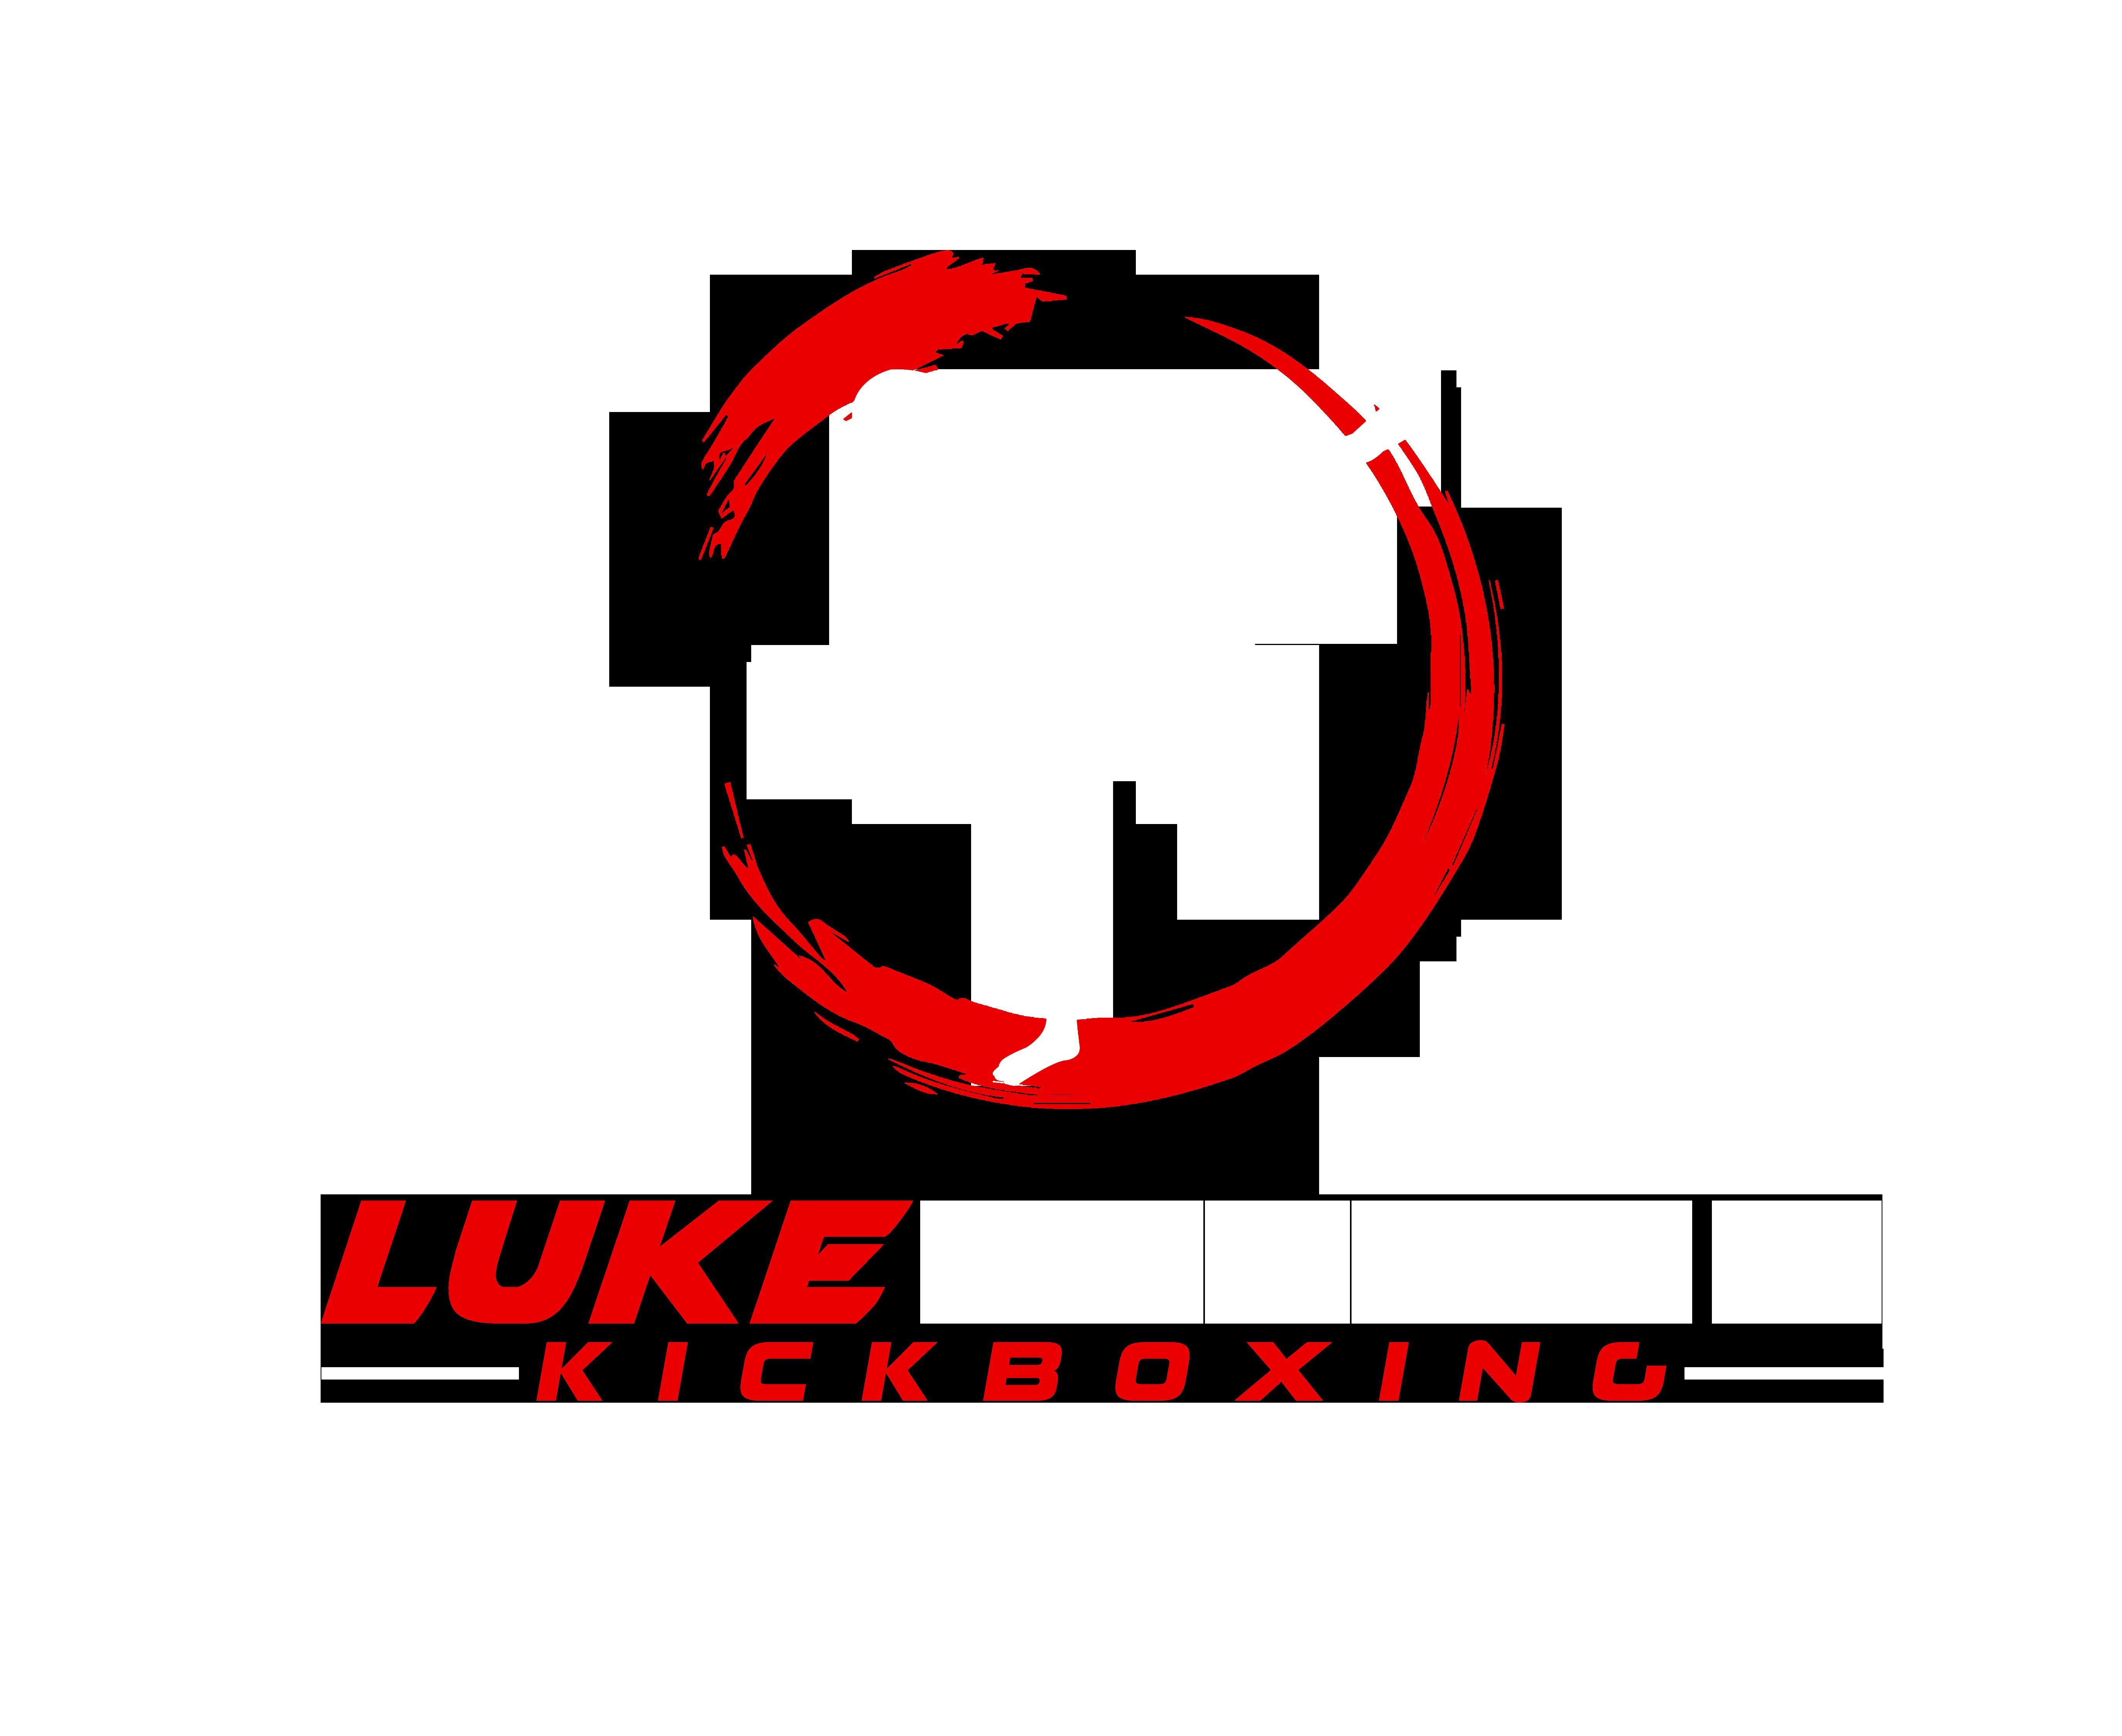 luke thomas kickboxing